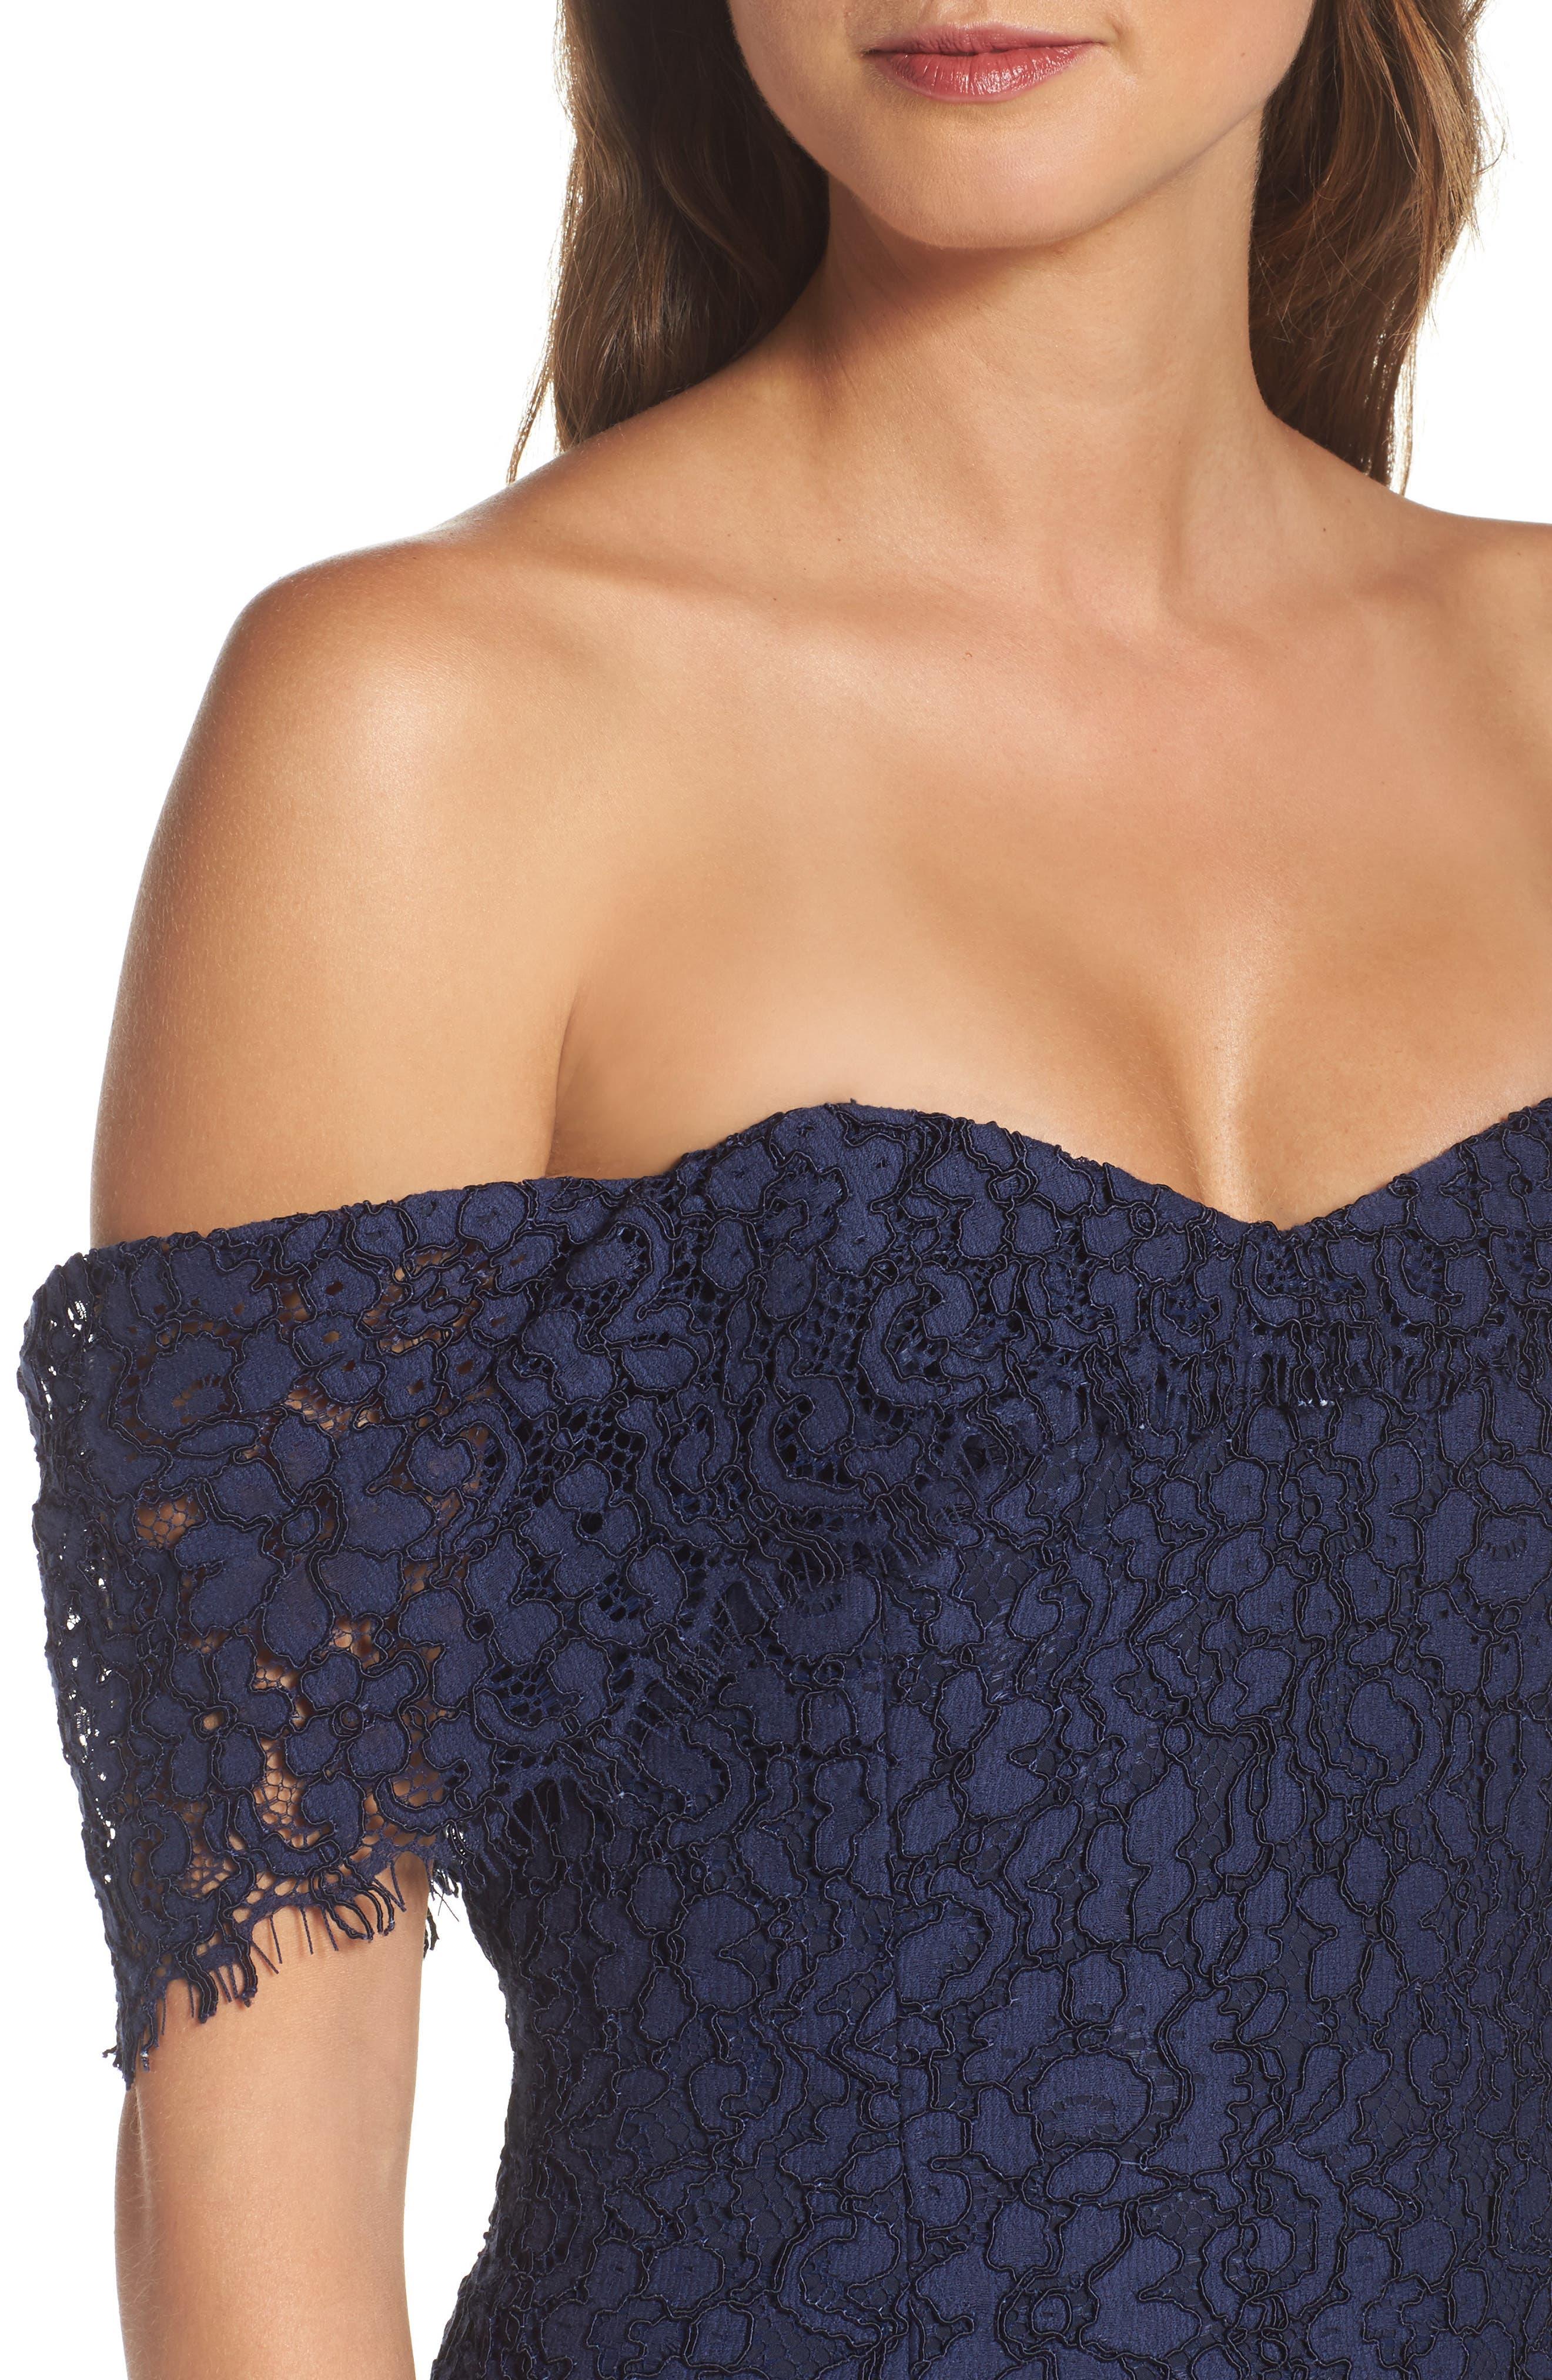 Vanowen Lace Off the Shoulder Gown,                             Alternate thumbnail 4, color,                             414